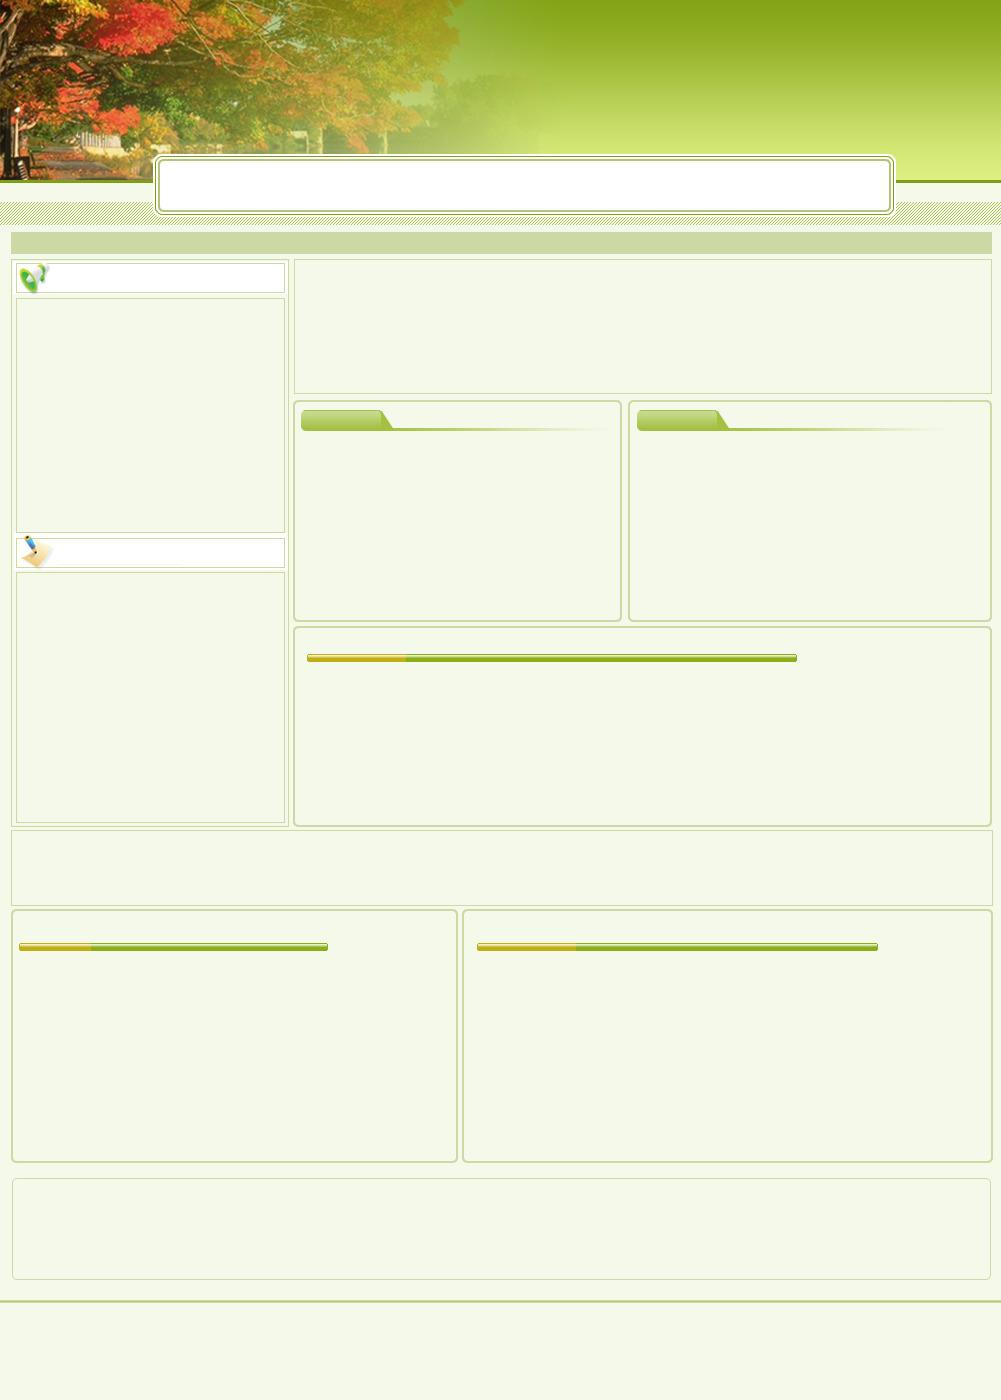 小清新网页模板